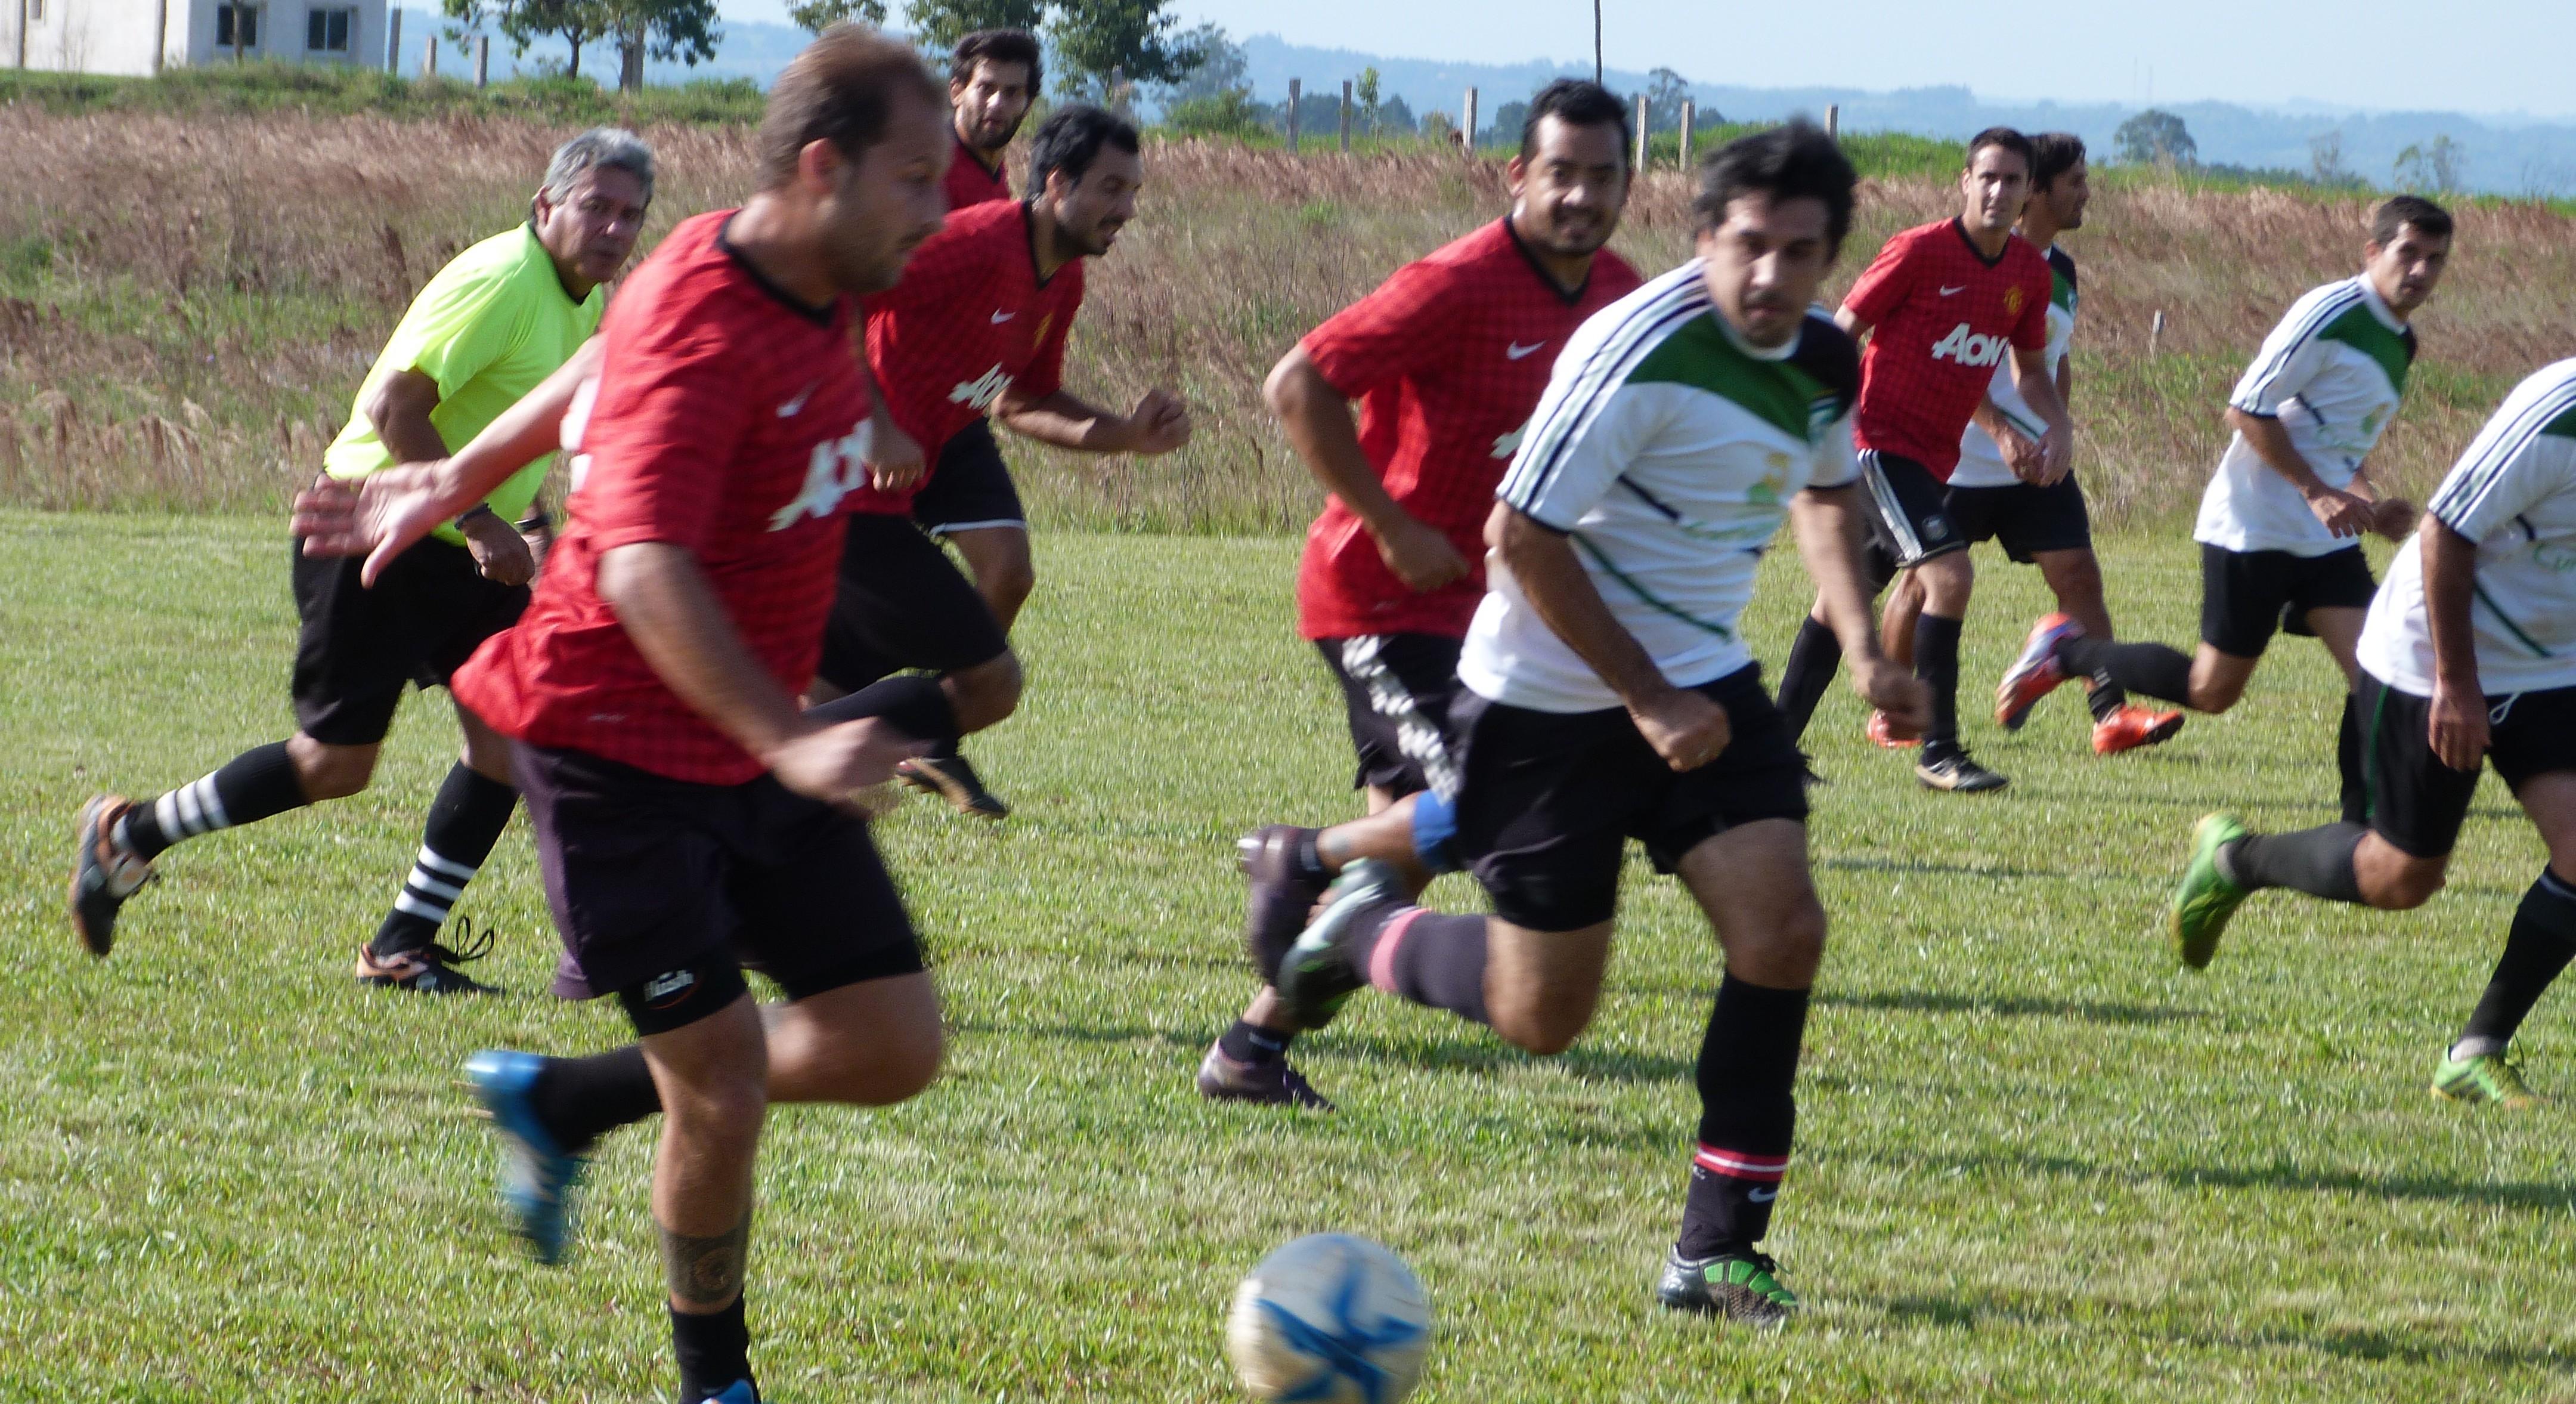 Se acerca la novena fecha de los Inter y otra tarde a puro fútbol